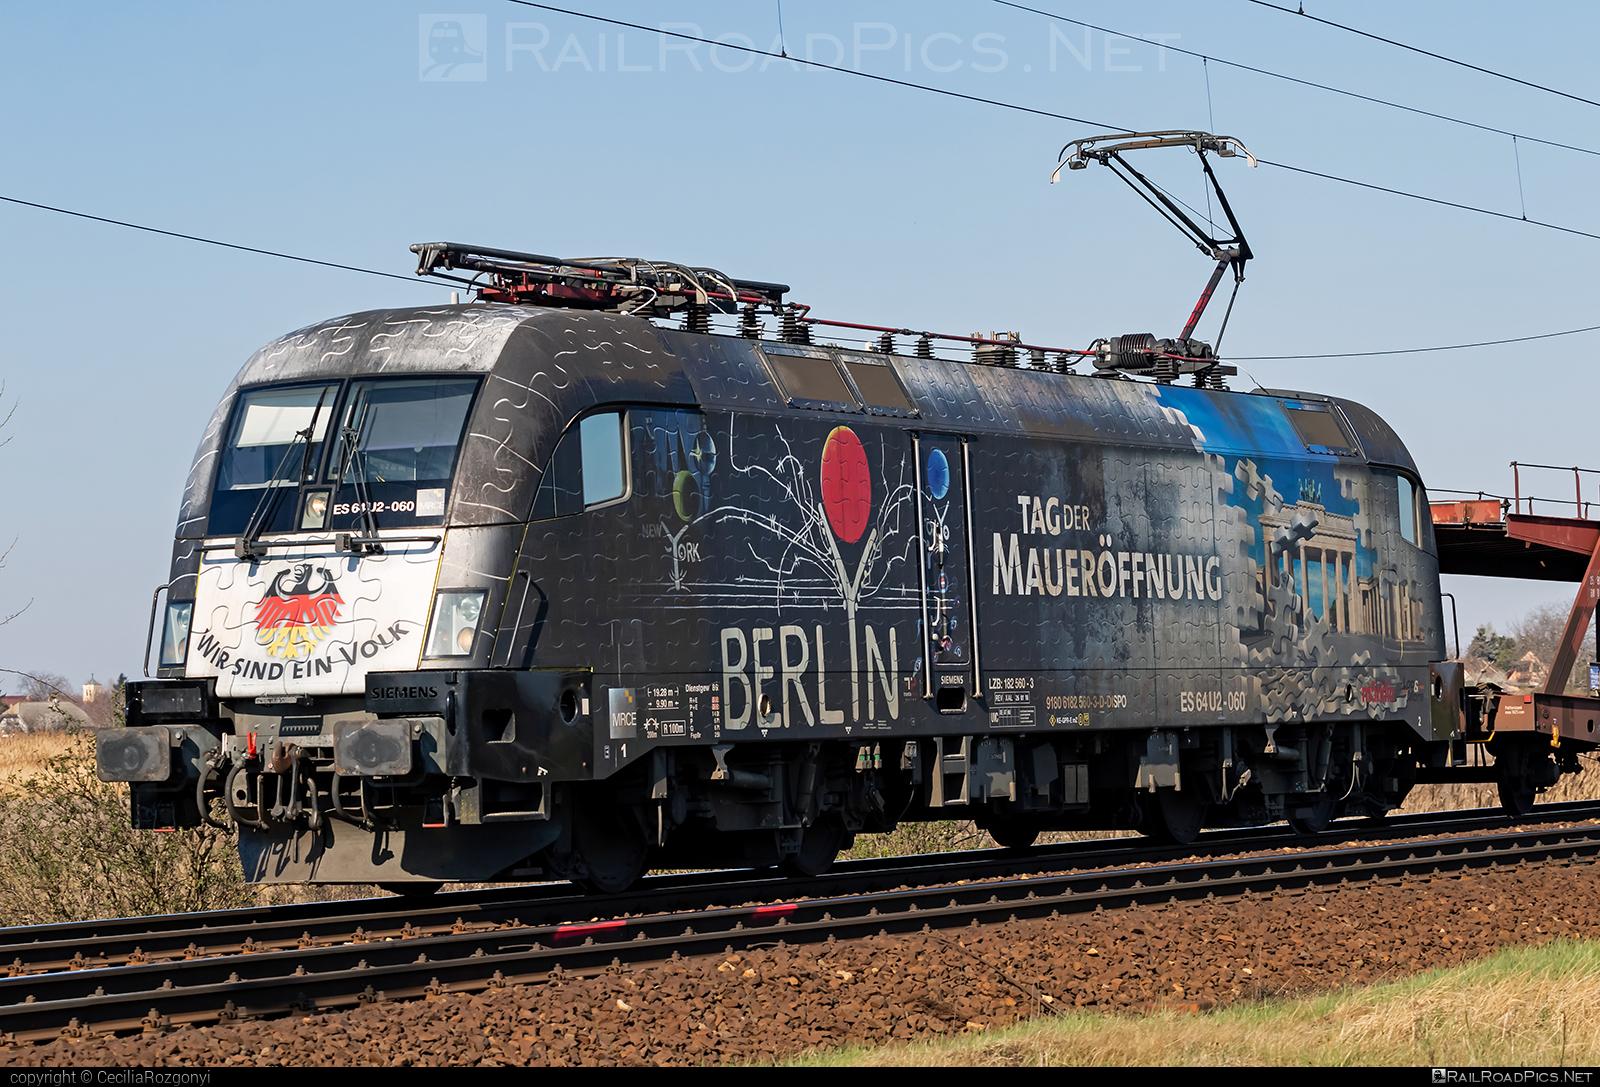 Siemens ES 64 U2 - 182 560 operated by TXLogistik #dispolok #es64 #es64u #es64u2 #eurosprinter #mitsuirailcapitaleurope #mitsuirailcapitaleuropegmbh #mrce #siemens #siemenses64 #siemenses64u #siemenses64u2 #siemenstaurus #taurus #tauruslocomotive #txl #txlogistik